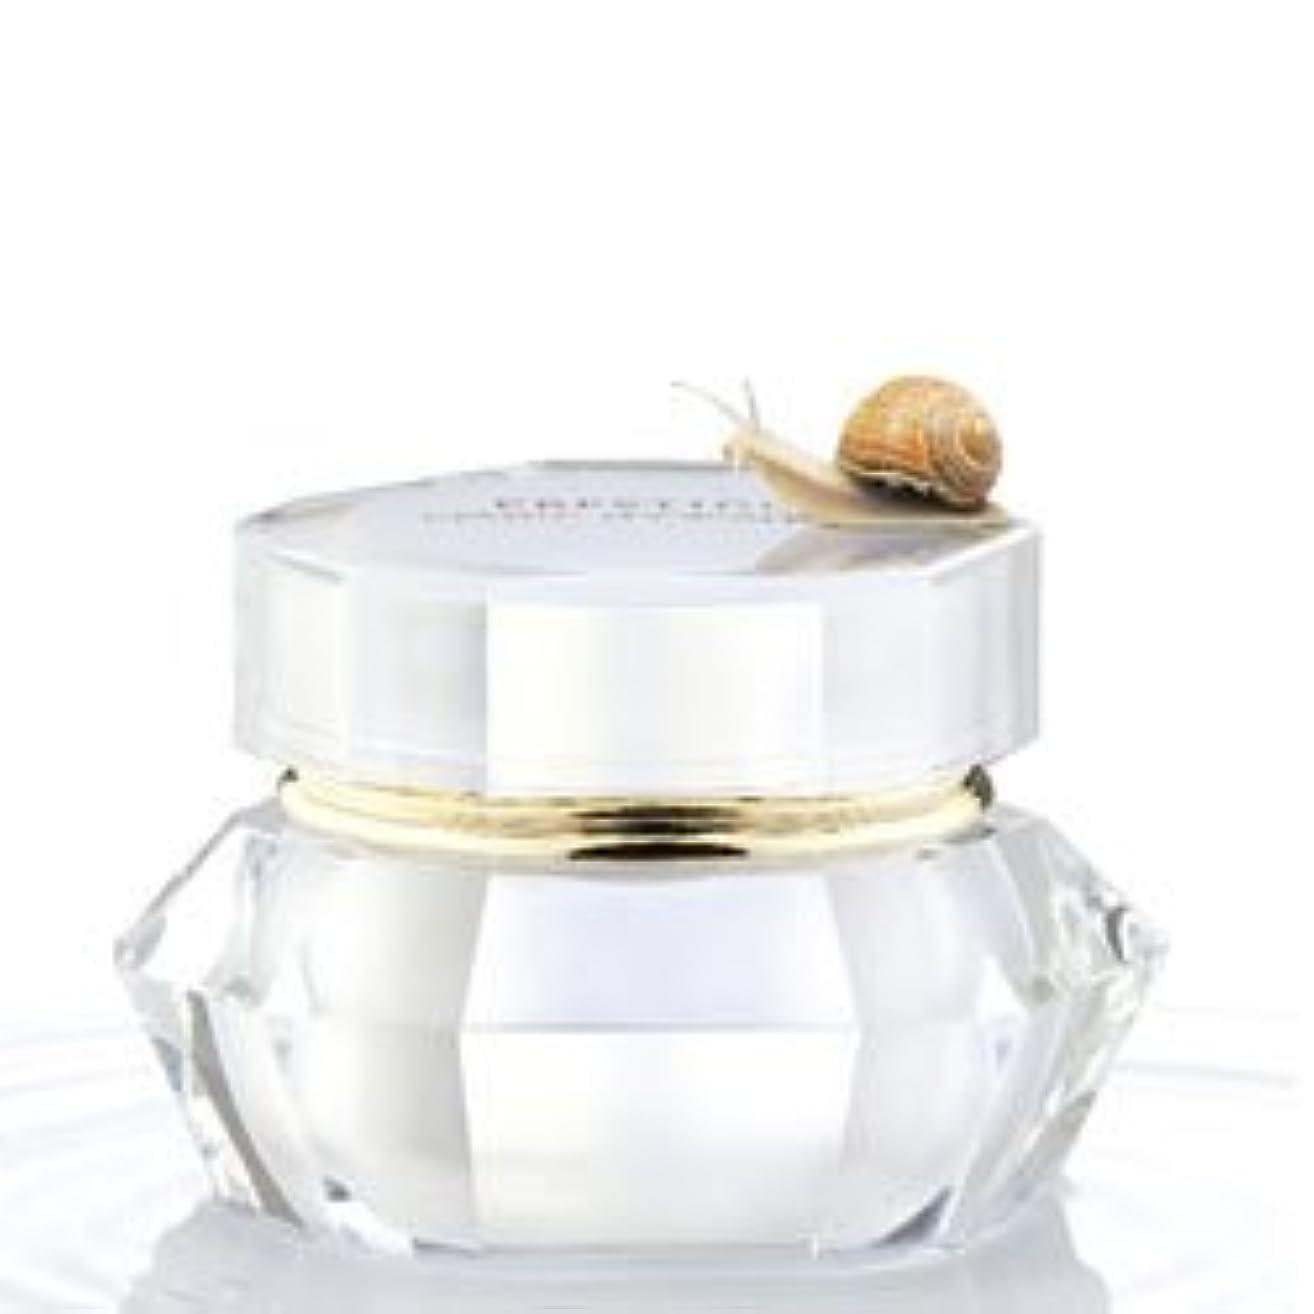 お尻設計寺院イッツスキン プレステージ エスカルゴ カタツムリ クリーム(60ml×1点)It's Skin Prestige Snail Escargot Cream